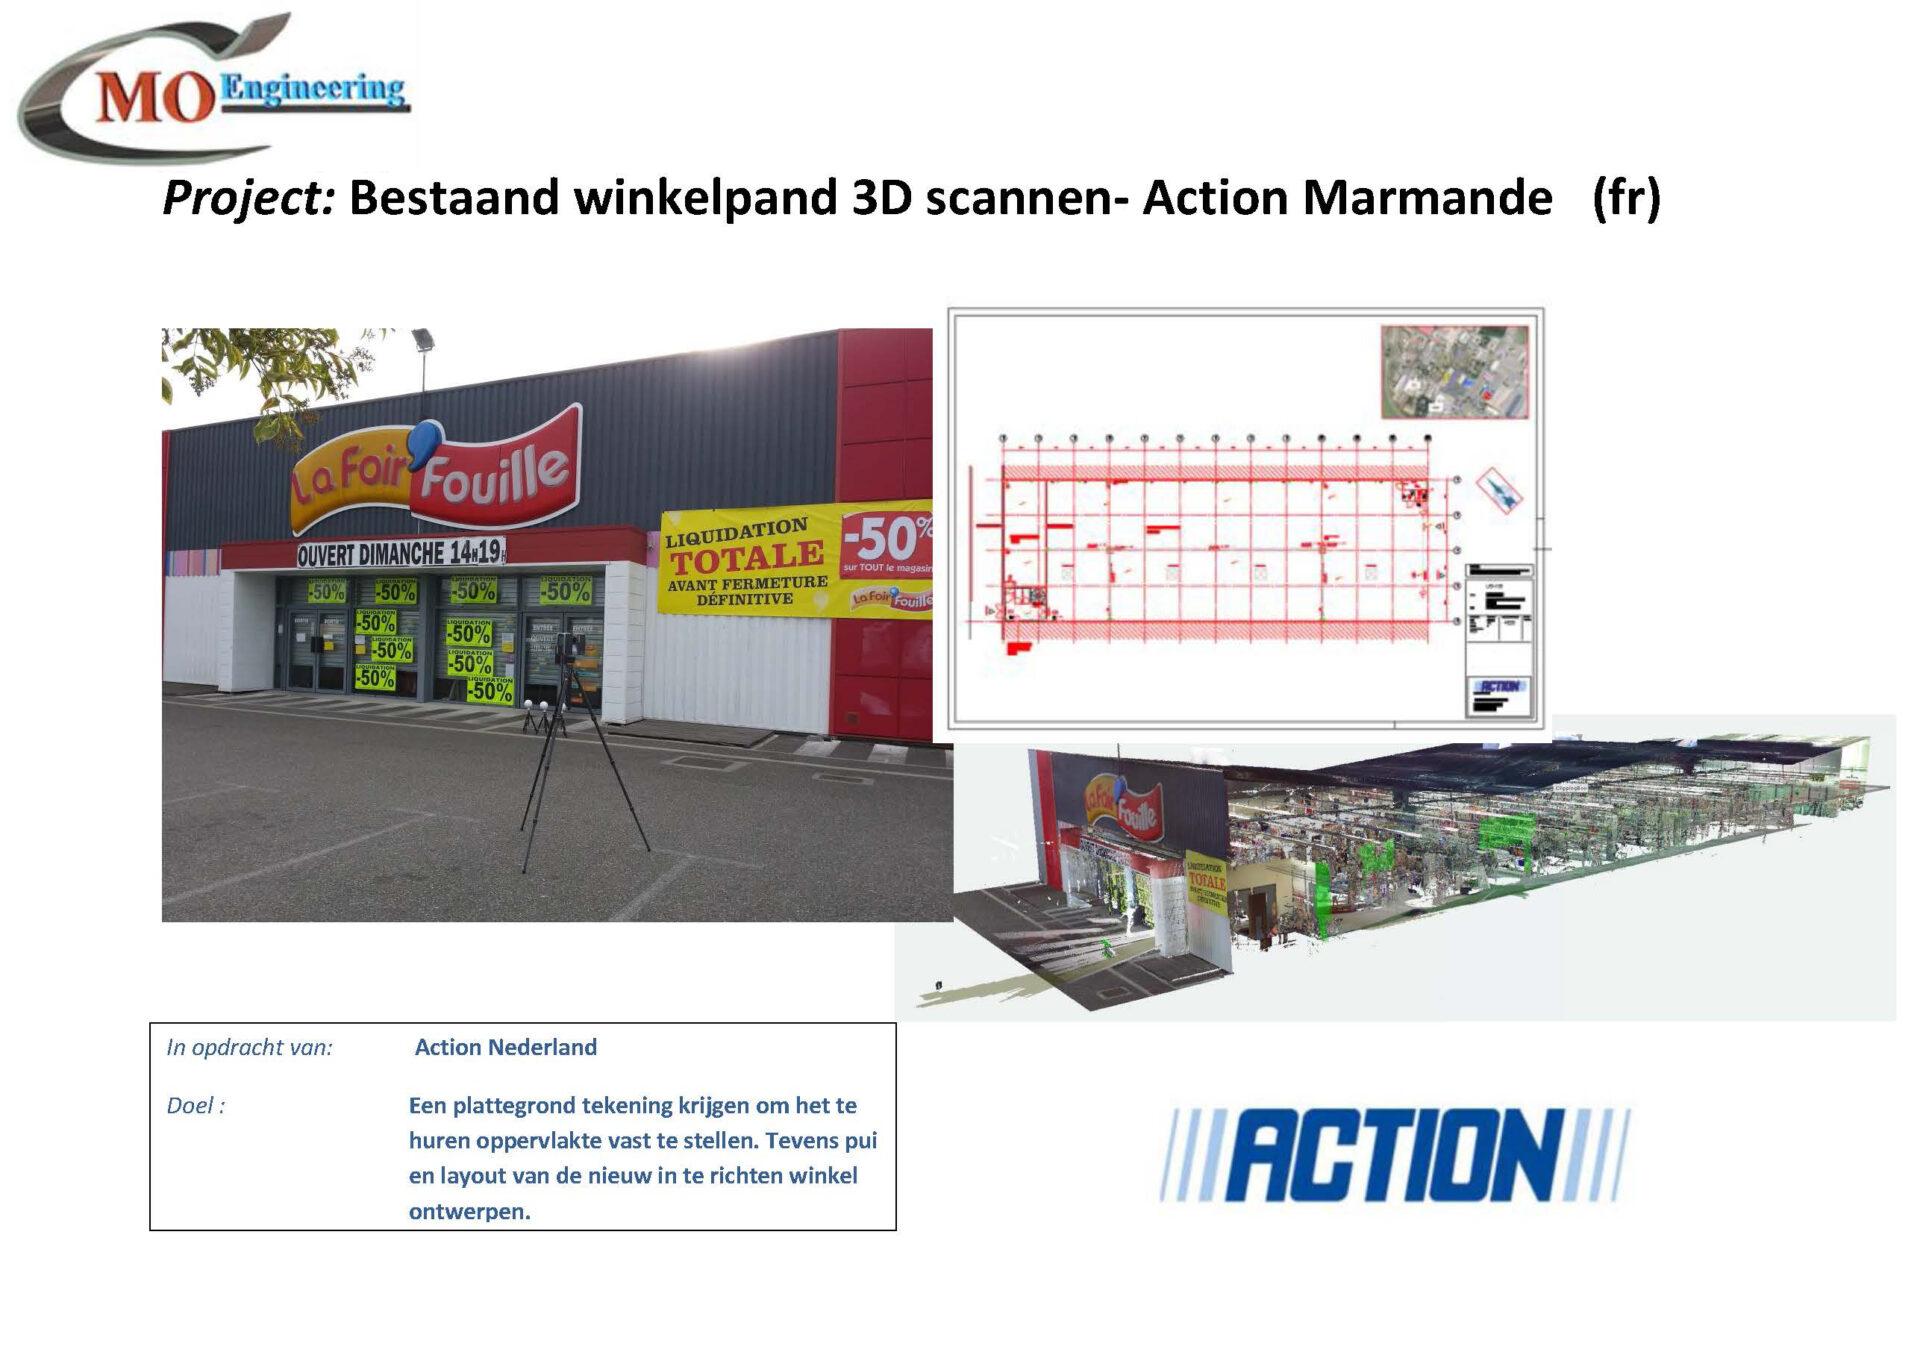 Action Marmande